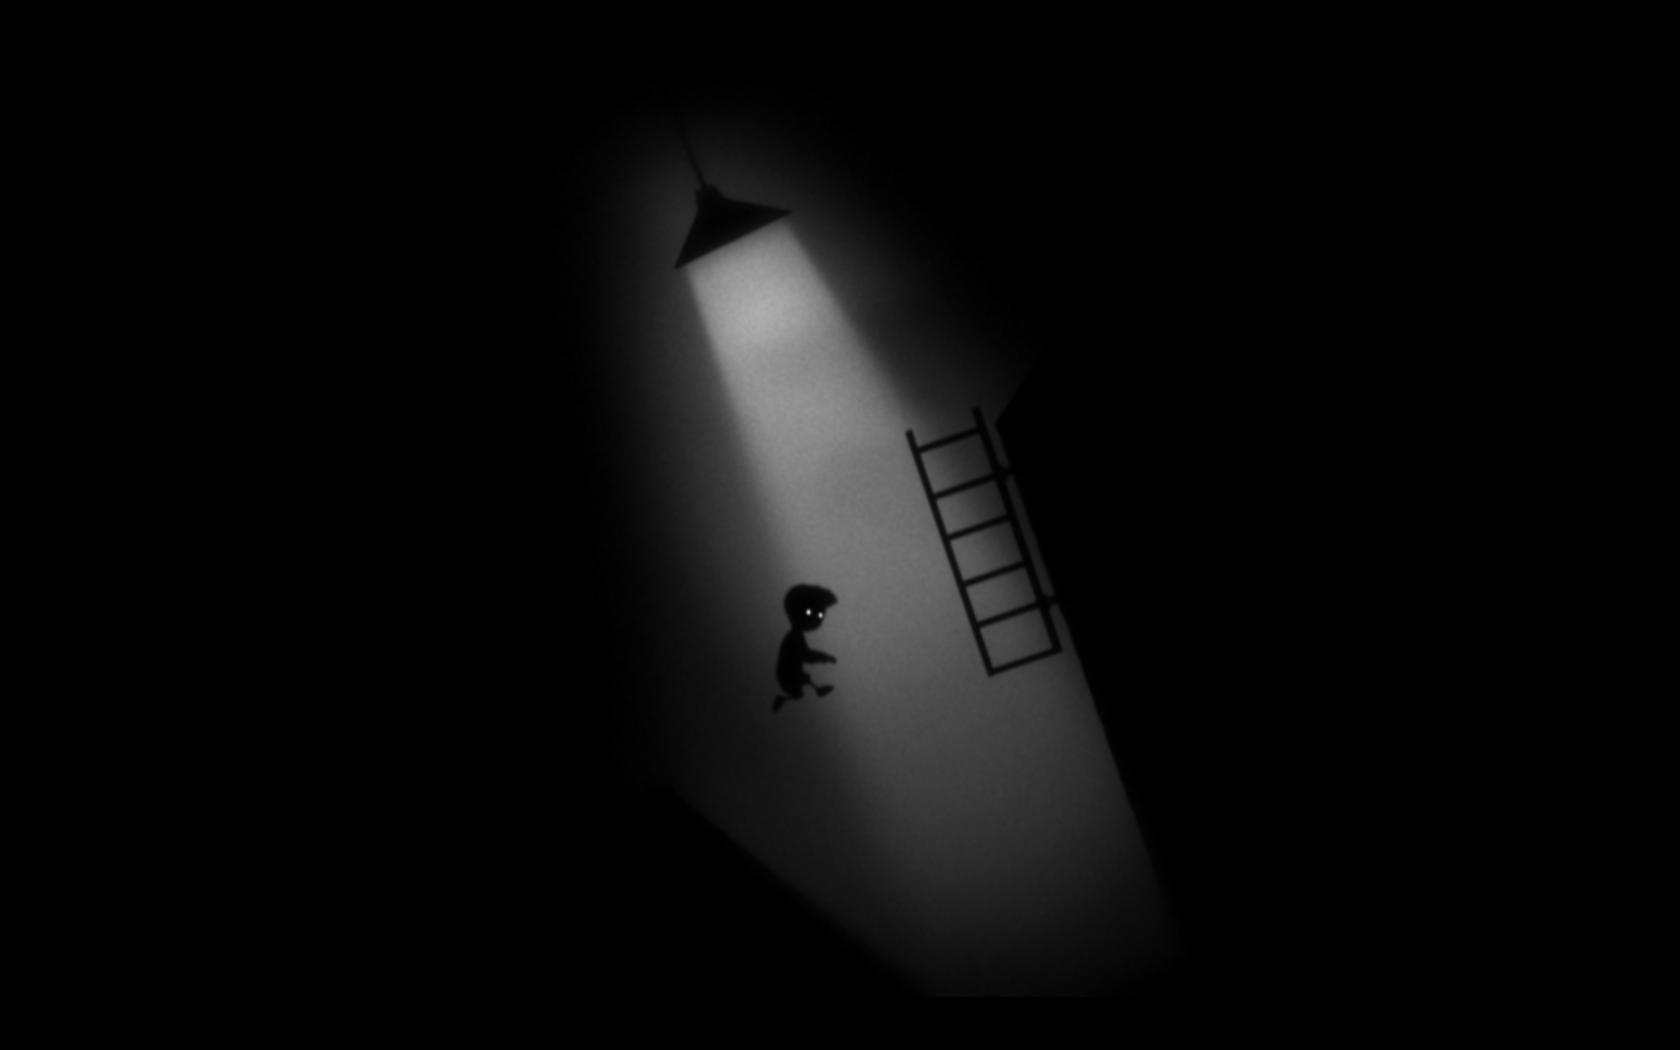 Limbo на андроид скачать полную версию